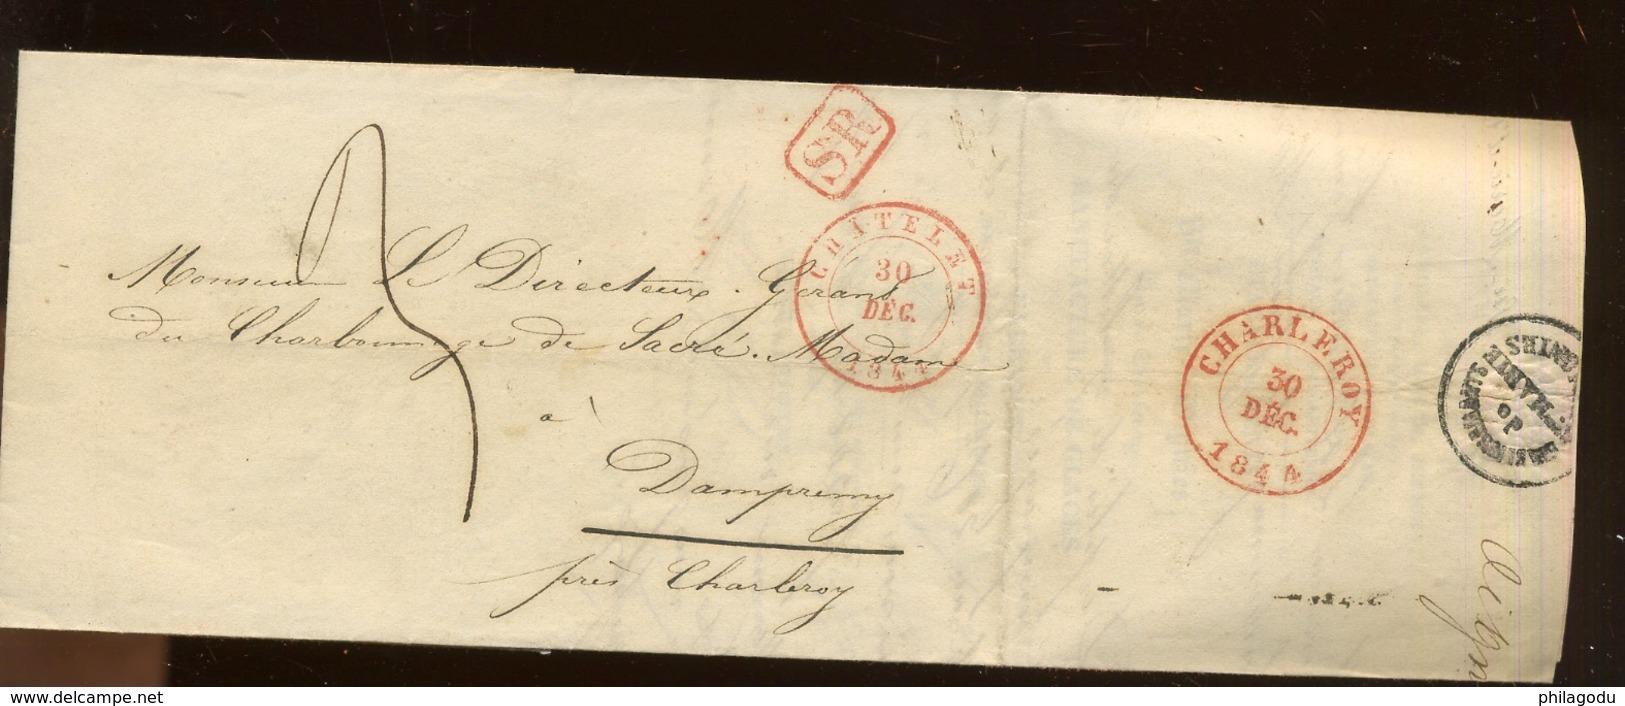 Envoyée De Chatelet 30 Dec 1844.   Facture - 1830-1849 (Belgica Independiente)